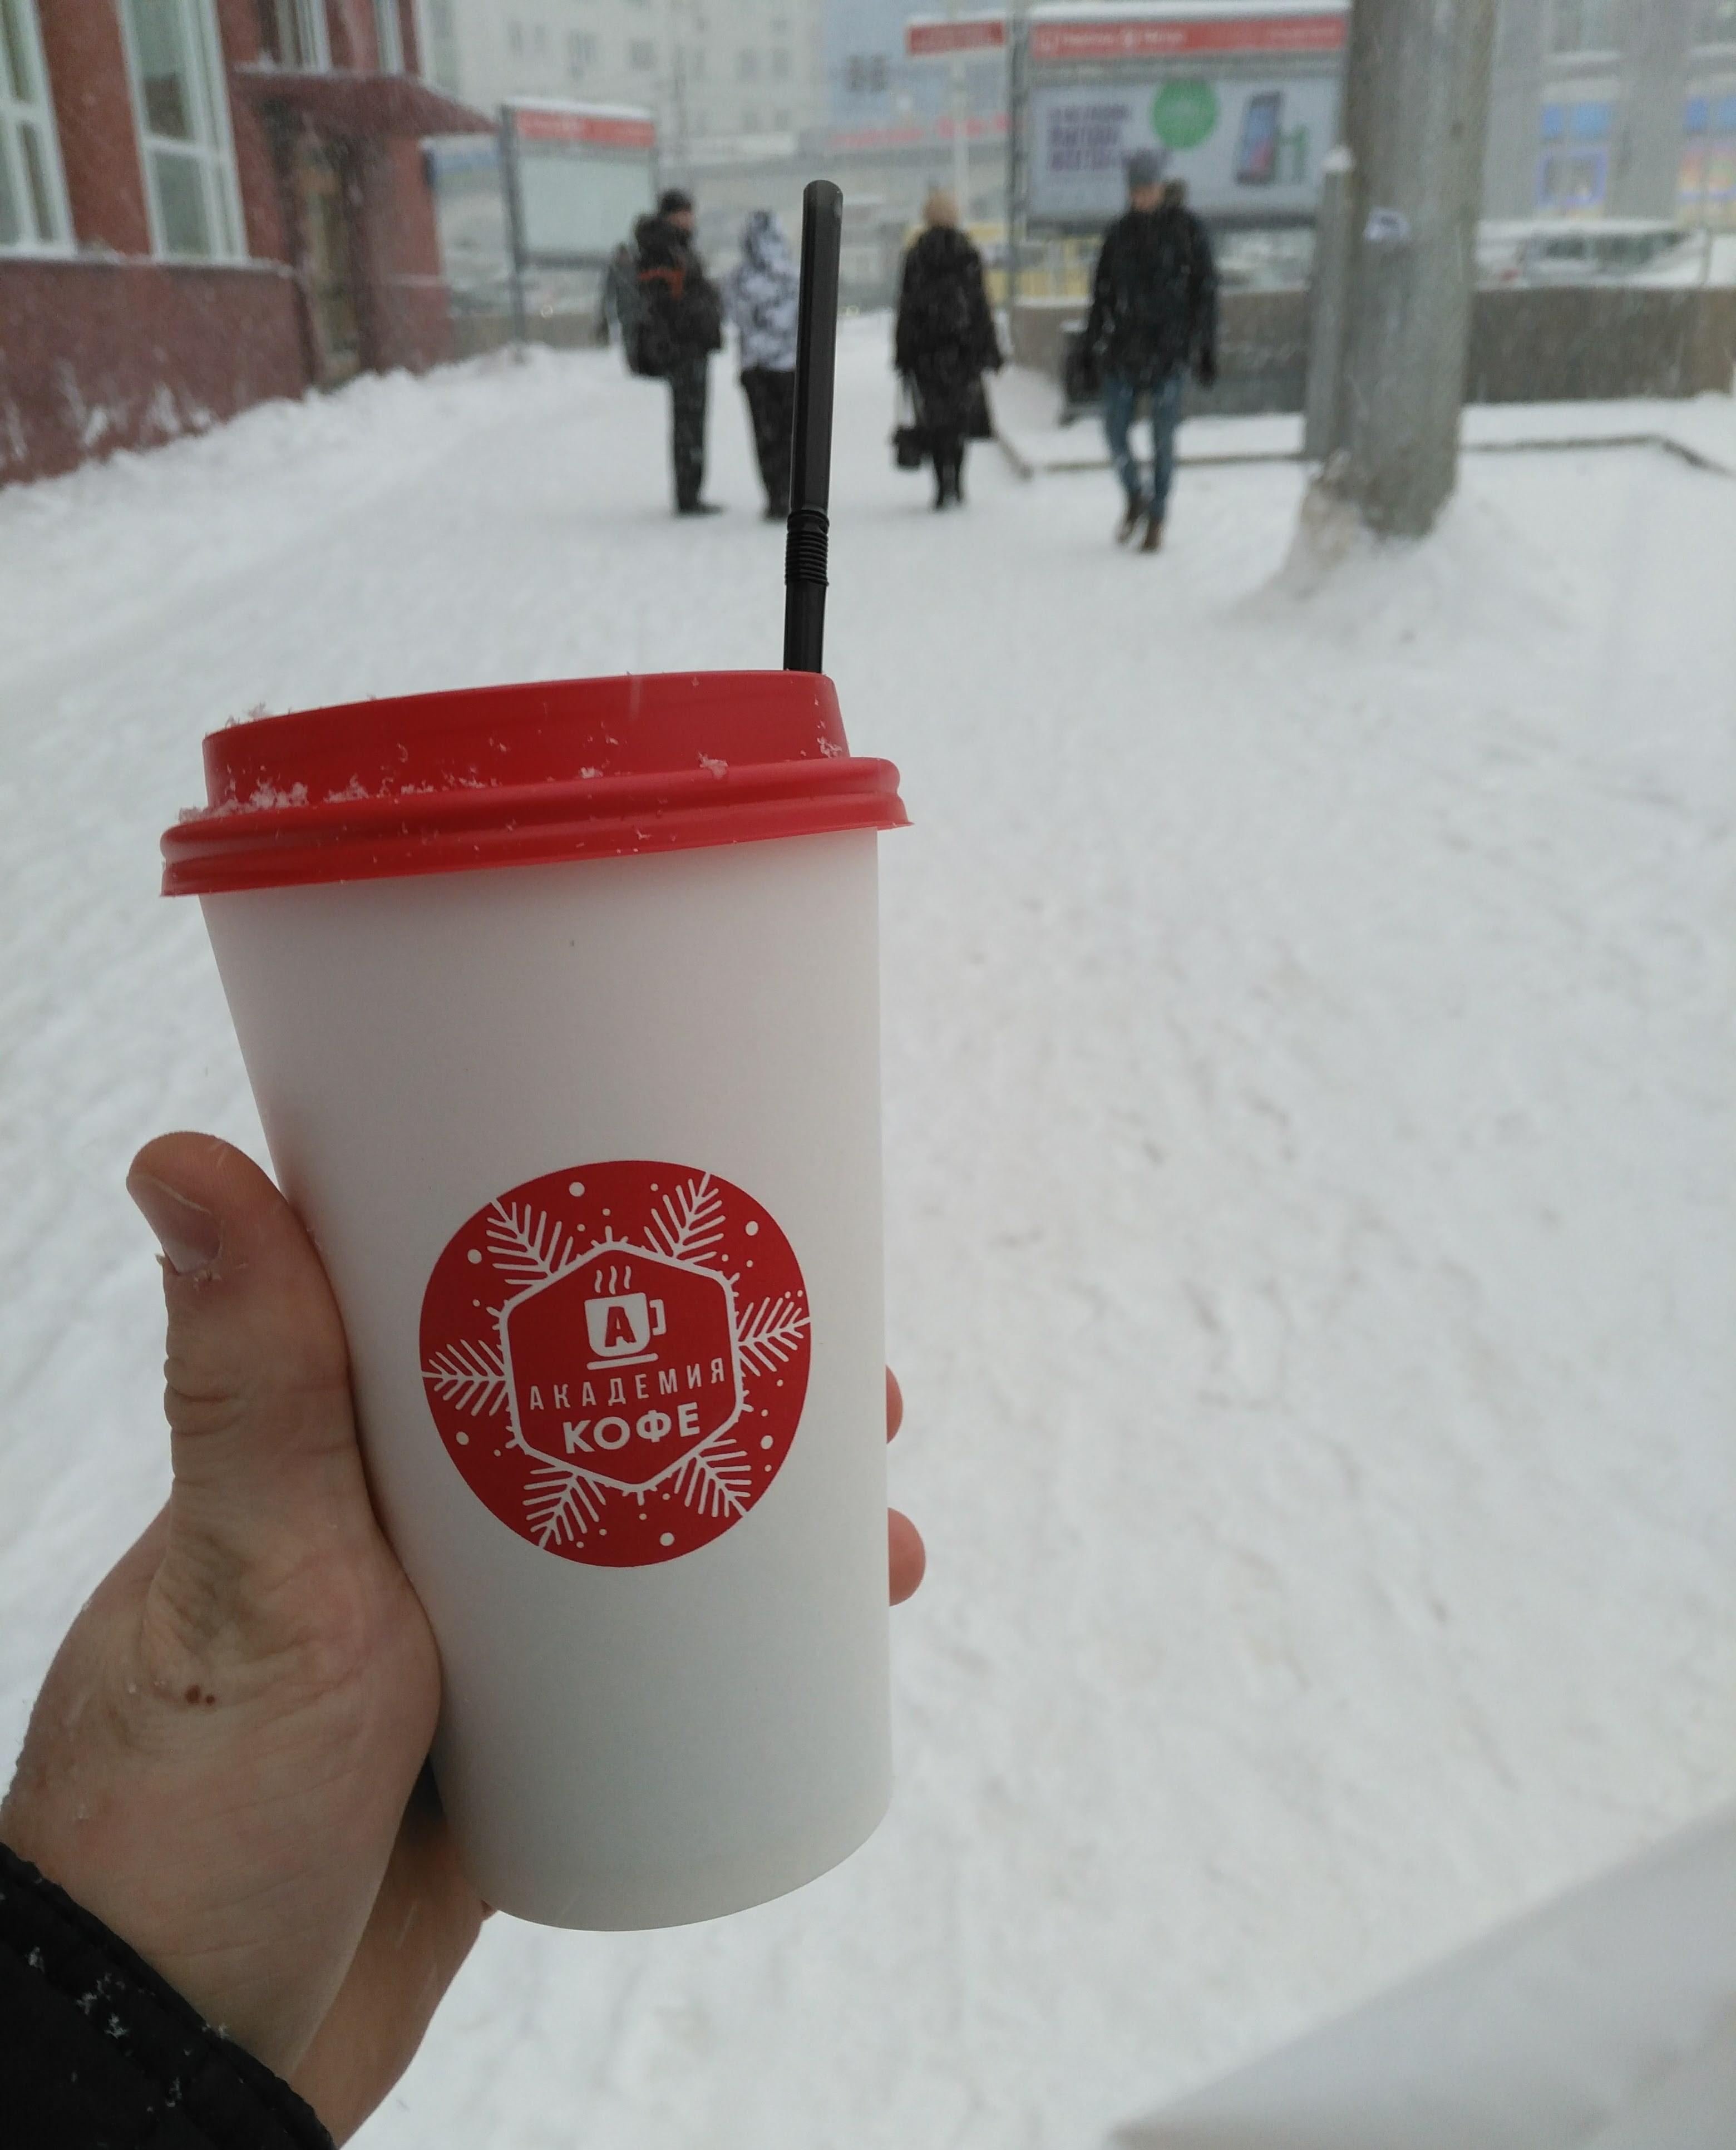 обои рабочий фото кофе в стакане на улице зимой как